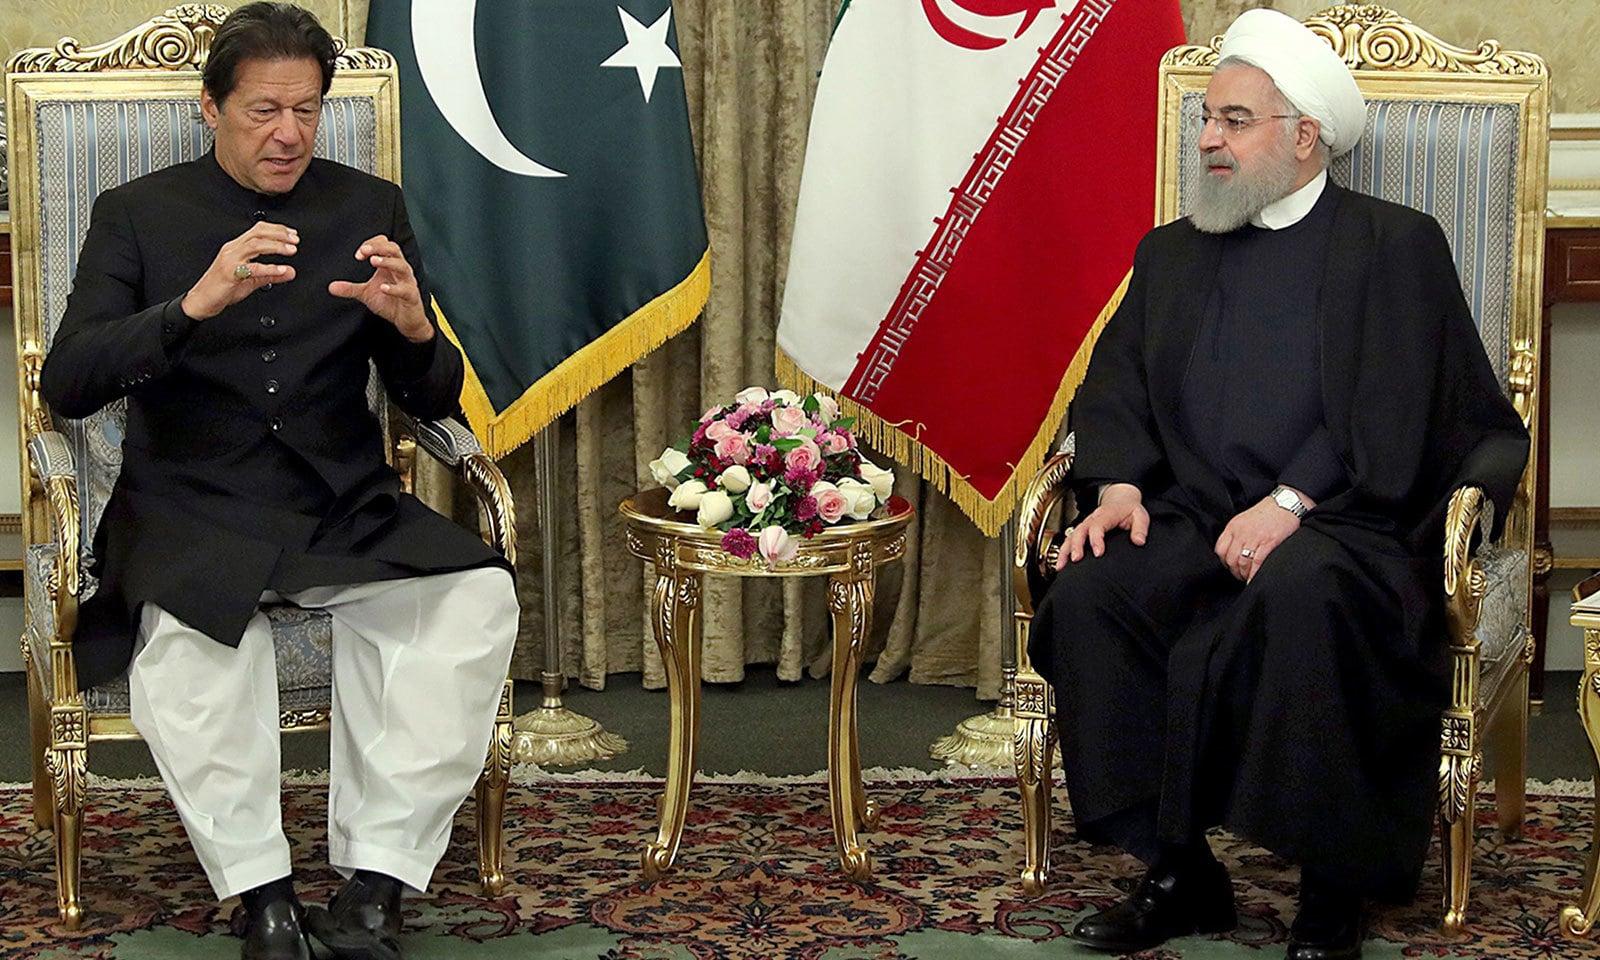 دونوں ممالک کے رہنماؤں کے درمیان براہ راست ملاقات ہوئی—فوٹو: اے ایف پی